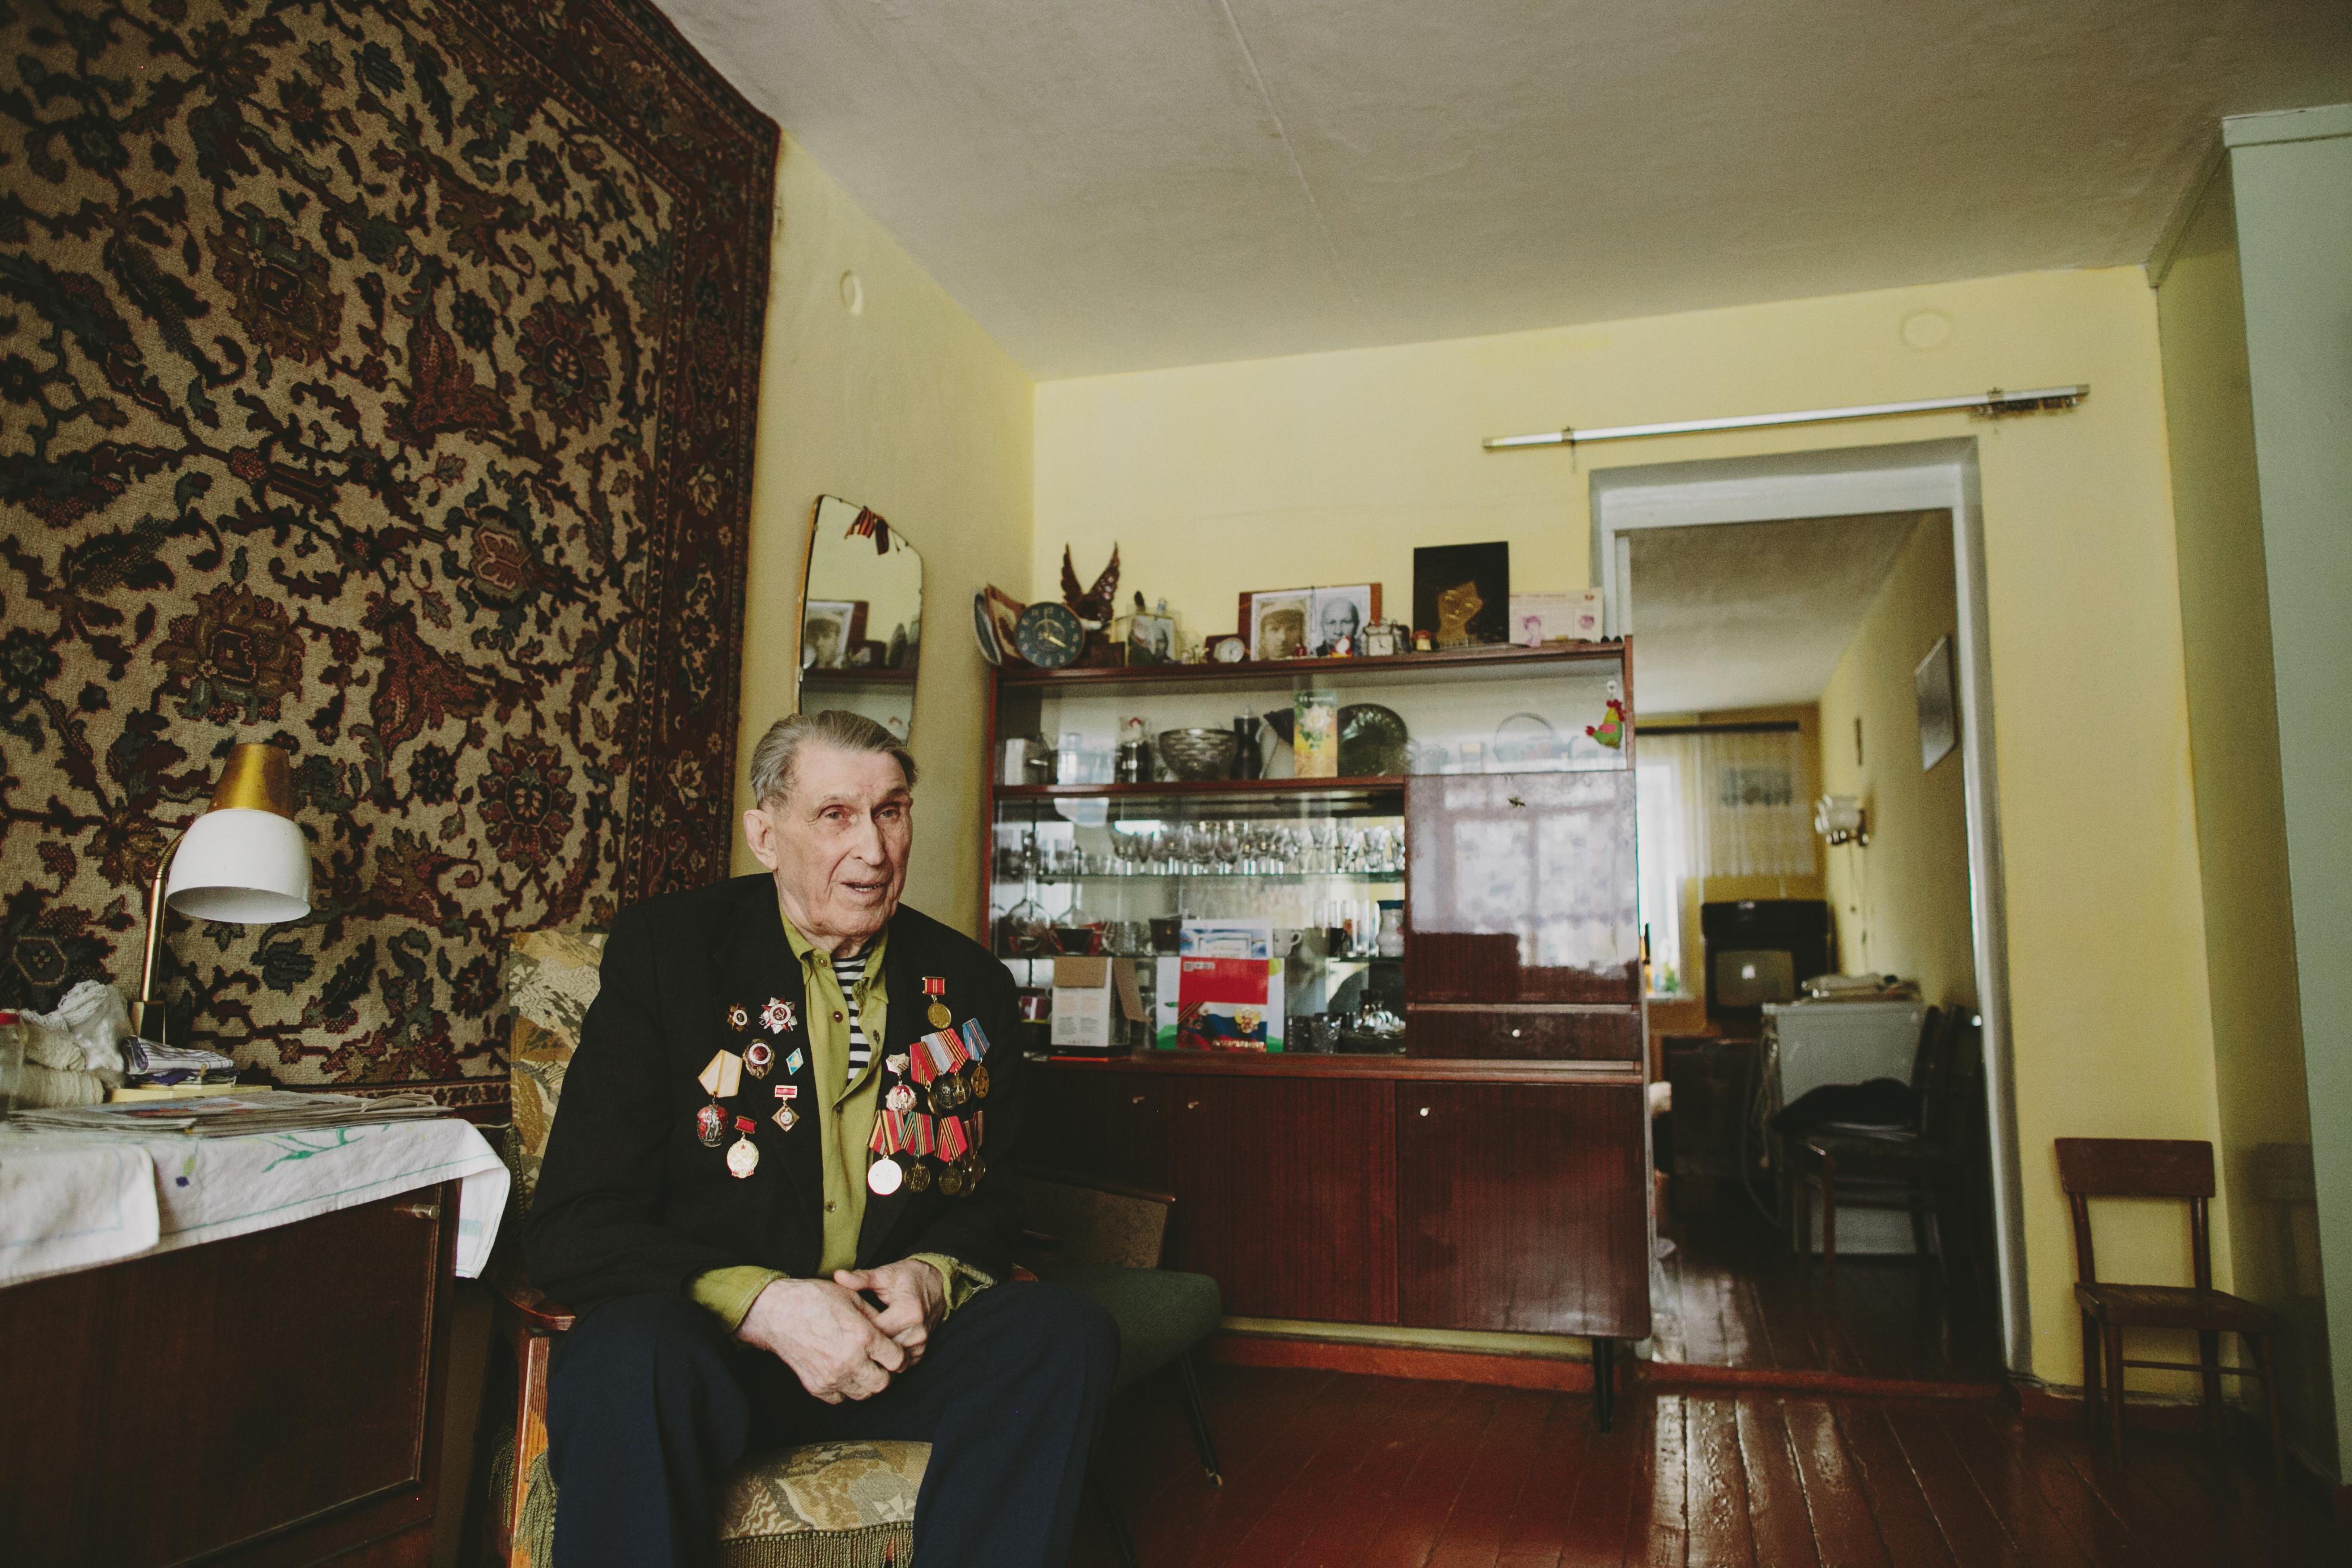 Живые легенды: Иннокентий Федорович. Публикуем истории ветеранов из Верхней Пышмы